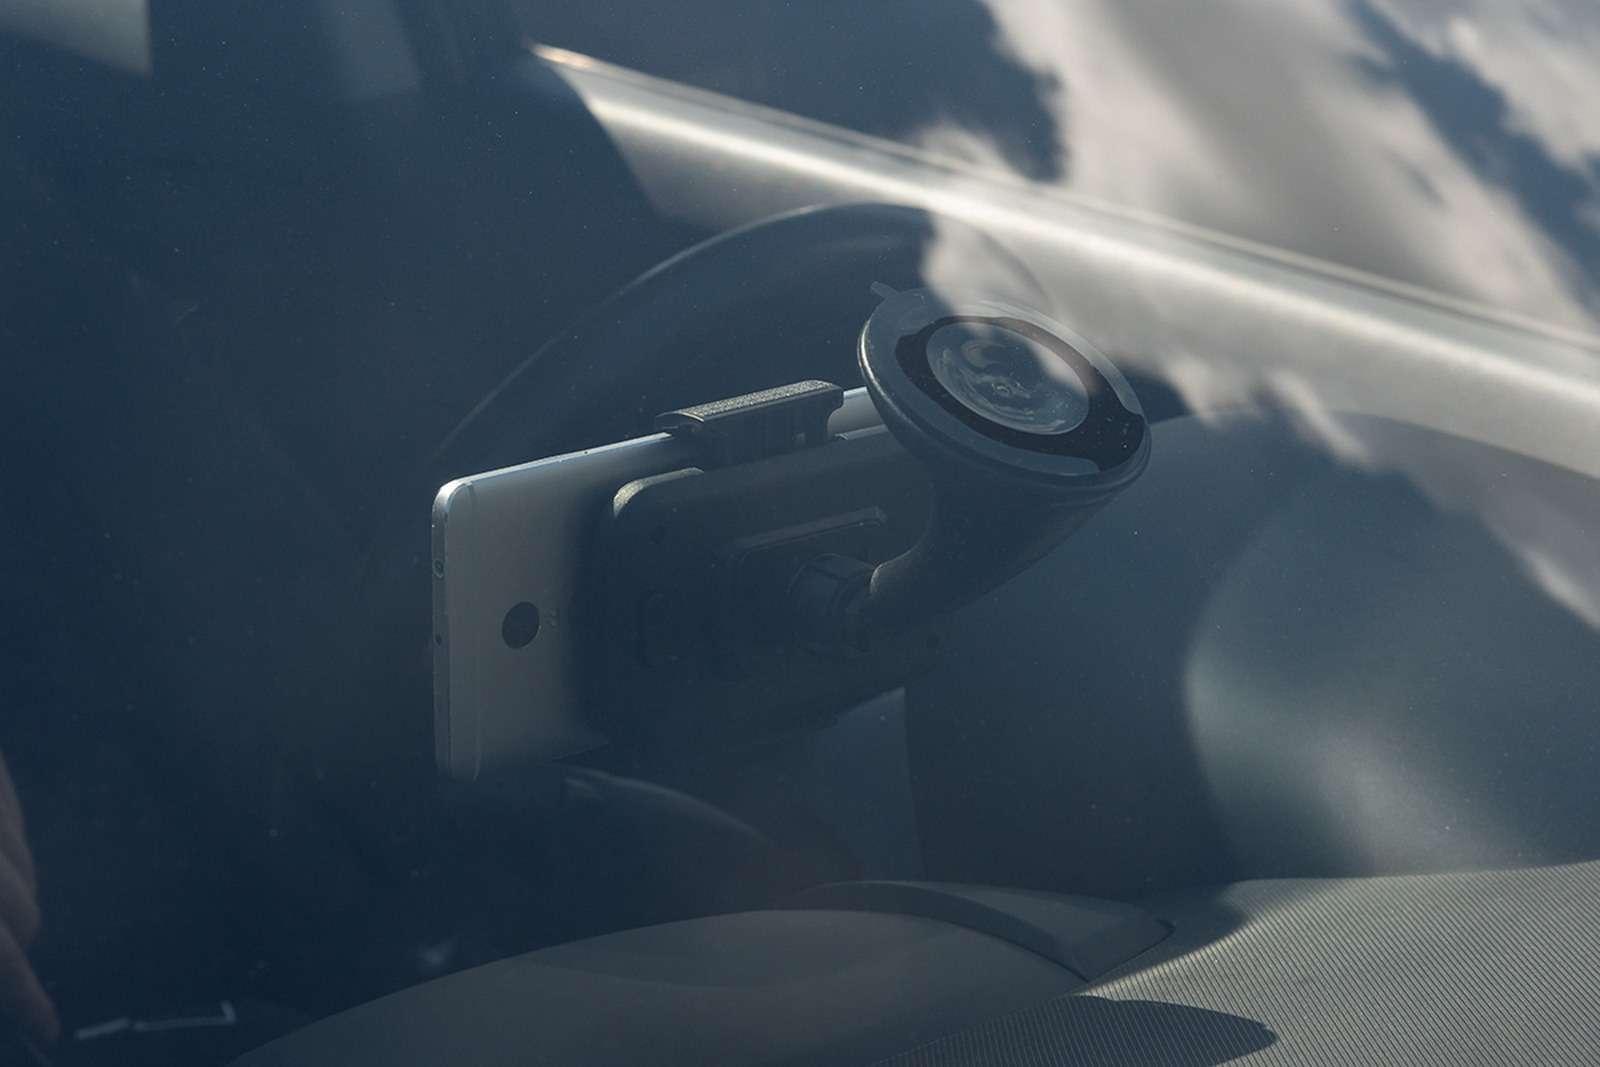 Смартфон или видеорегистратор— что использовать длясъемки? Тест ЗР— фото 916451